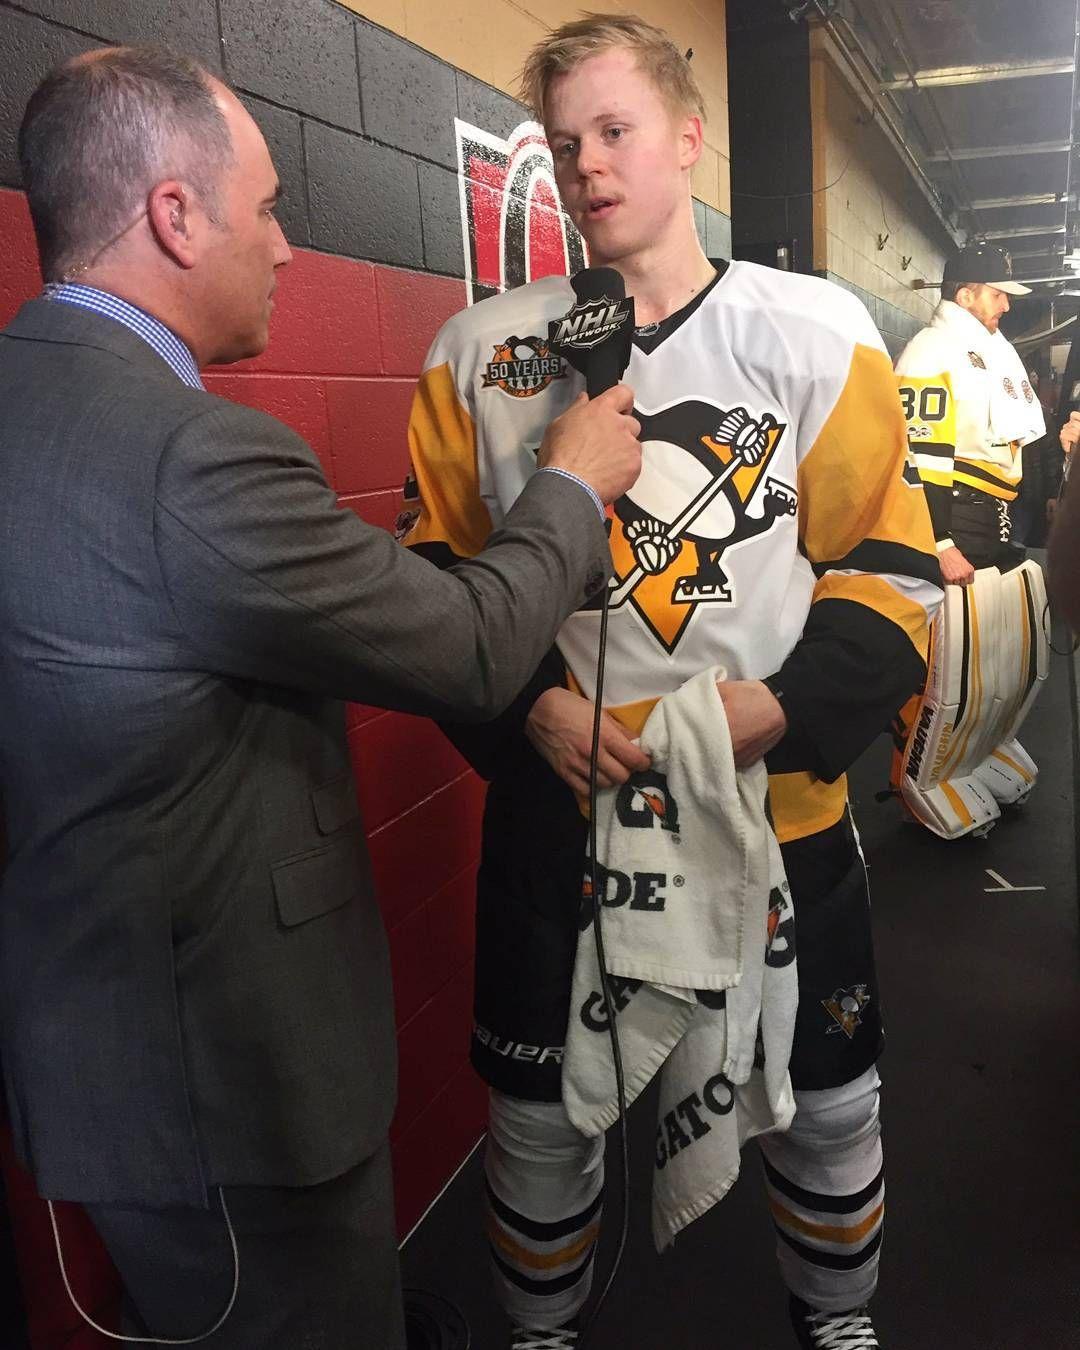 #OlliMaatta #MattMurray #PittsburghPenguins #NHL #Pens #OlliMäättä #Murr #2016StanleyCupChampions